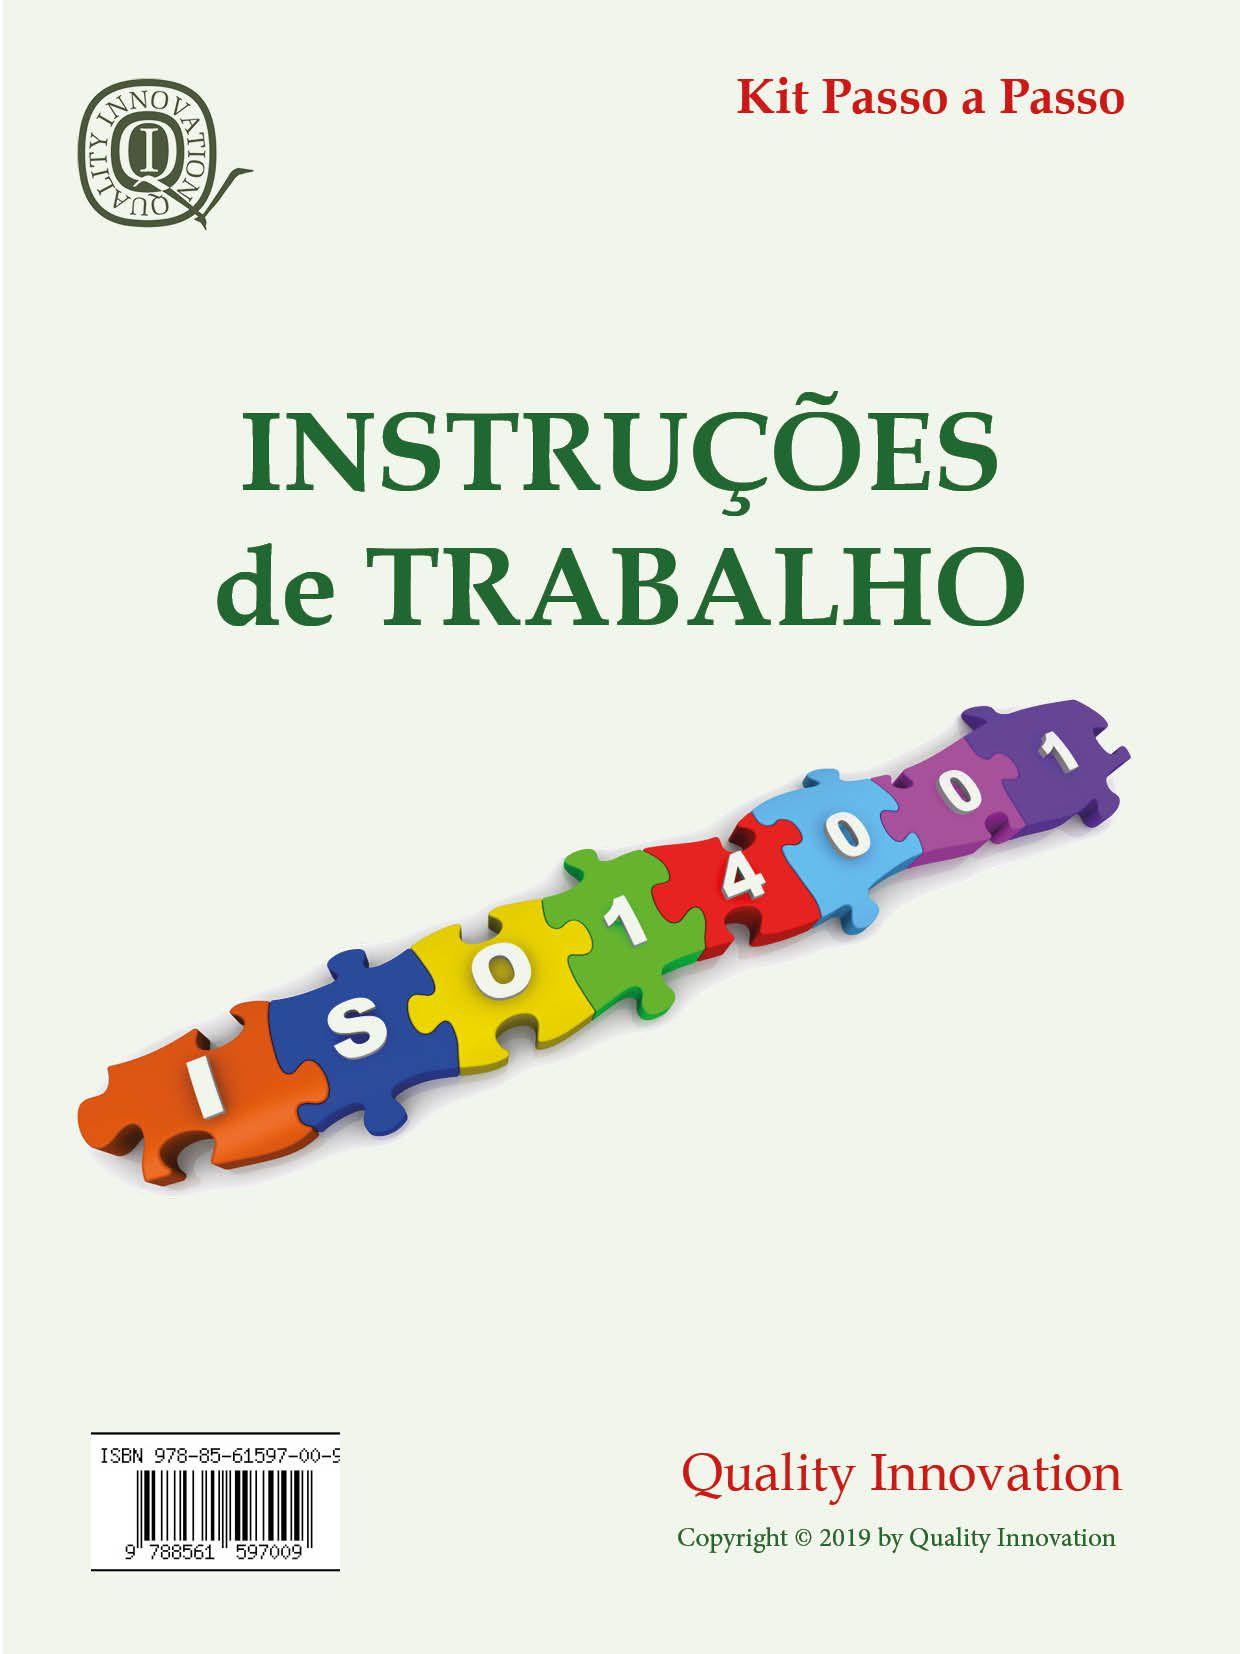 Instruções de Trabalho para a ISO 14001  - www.qualistore.net.br